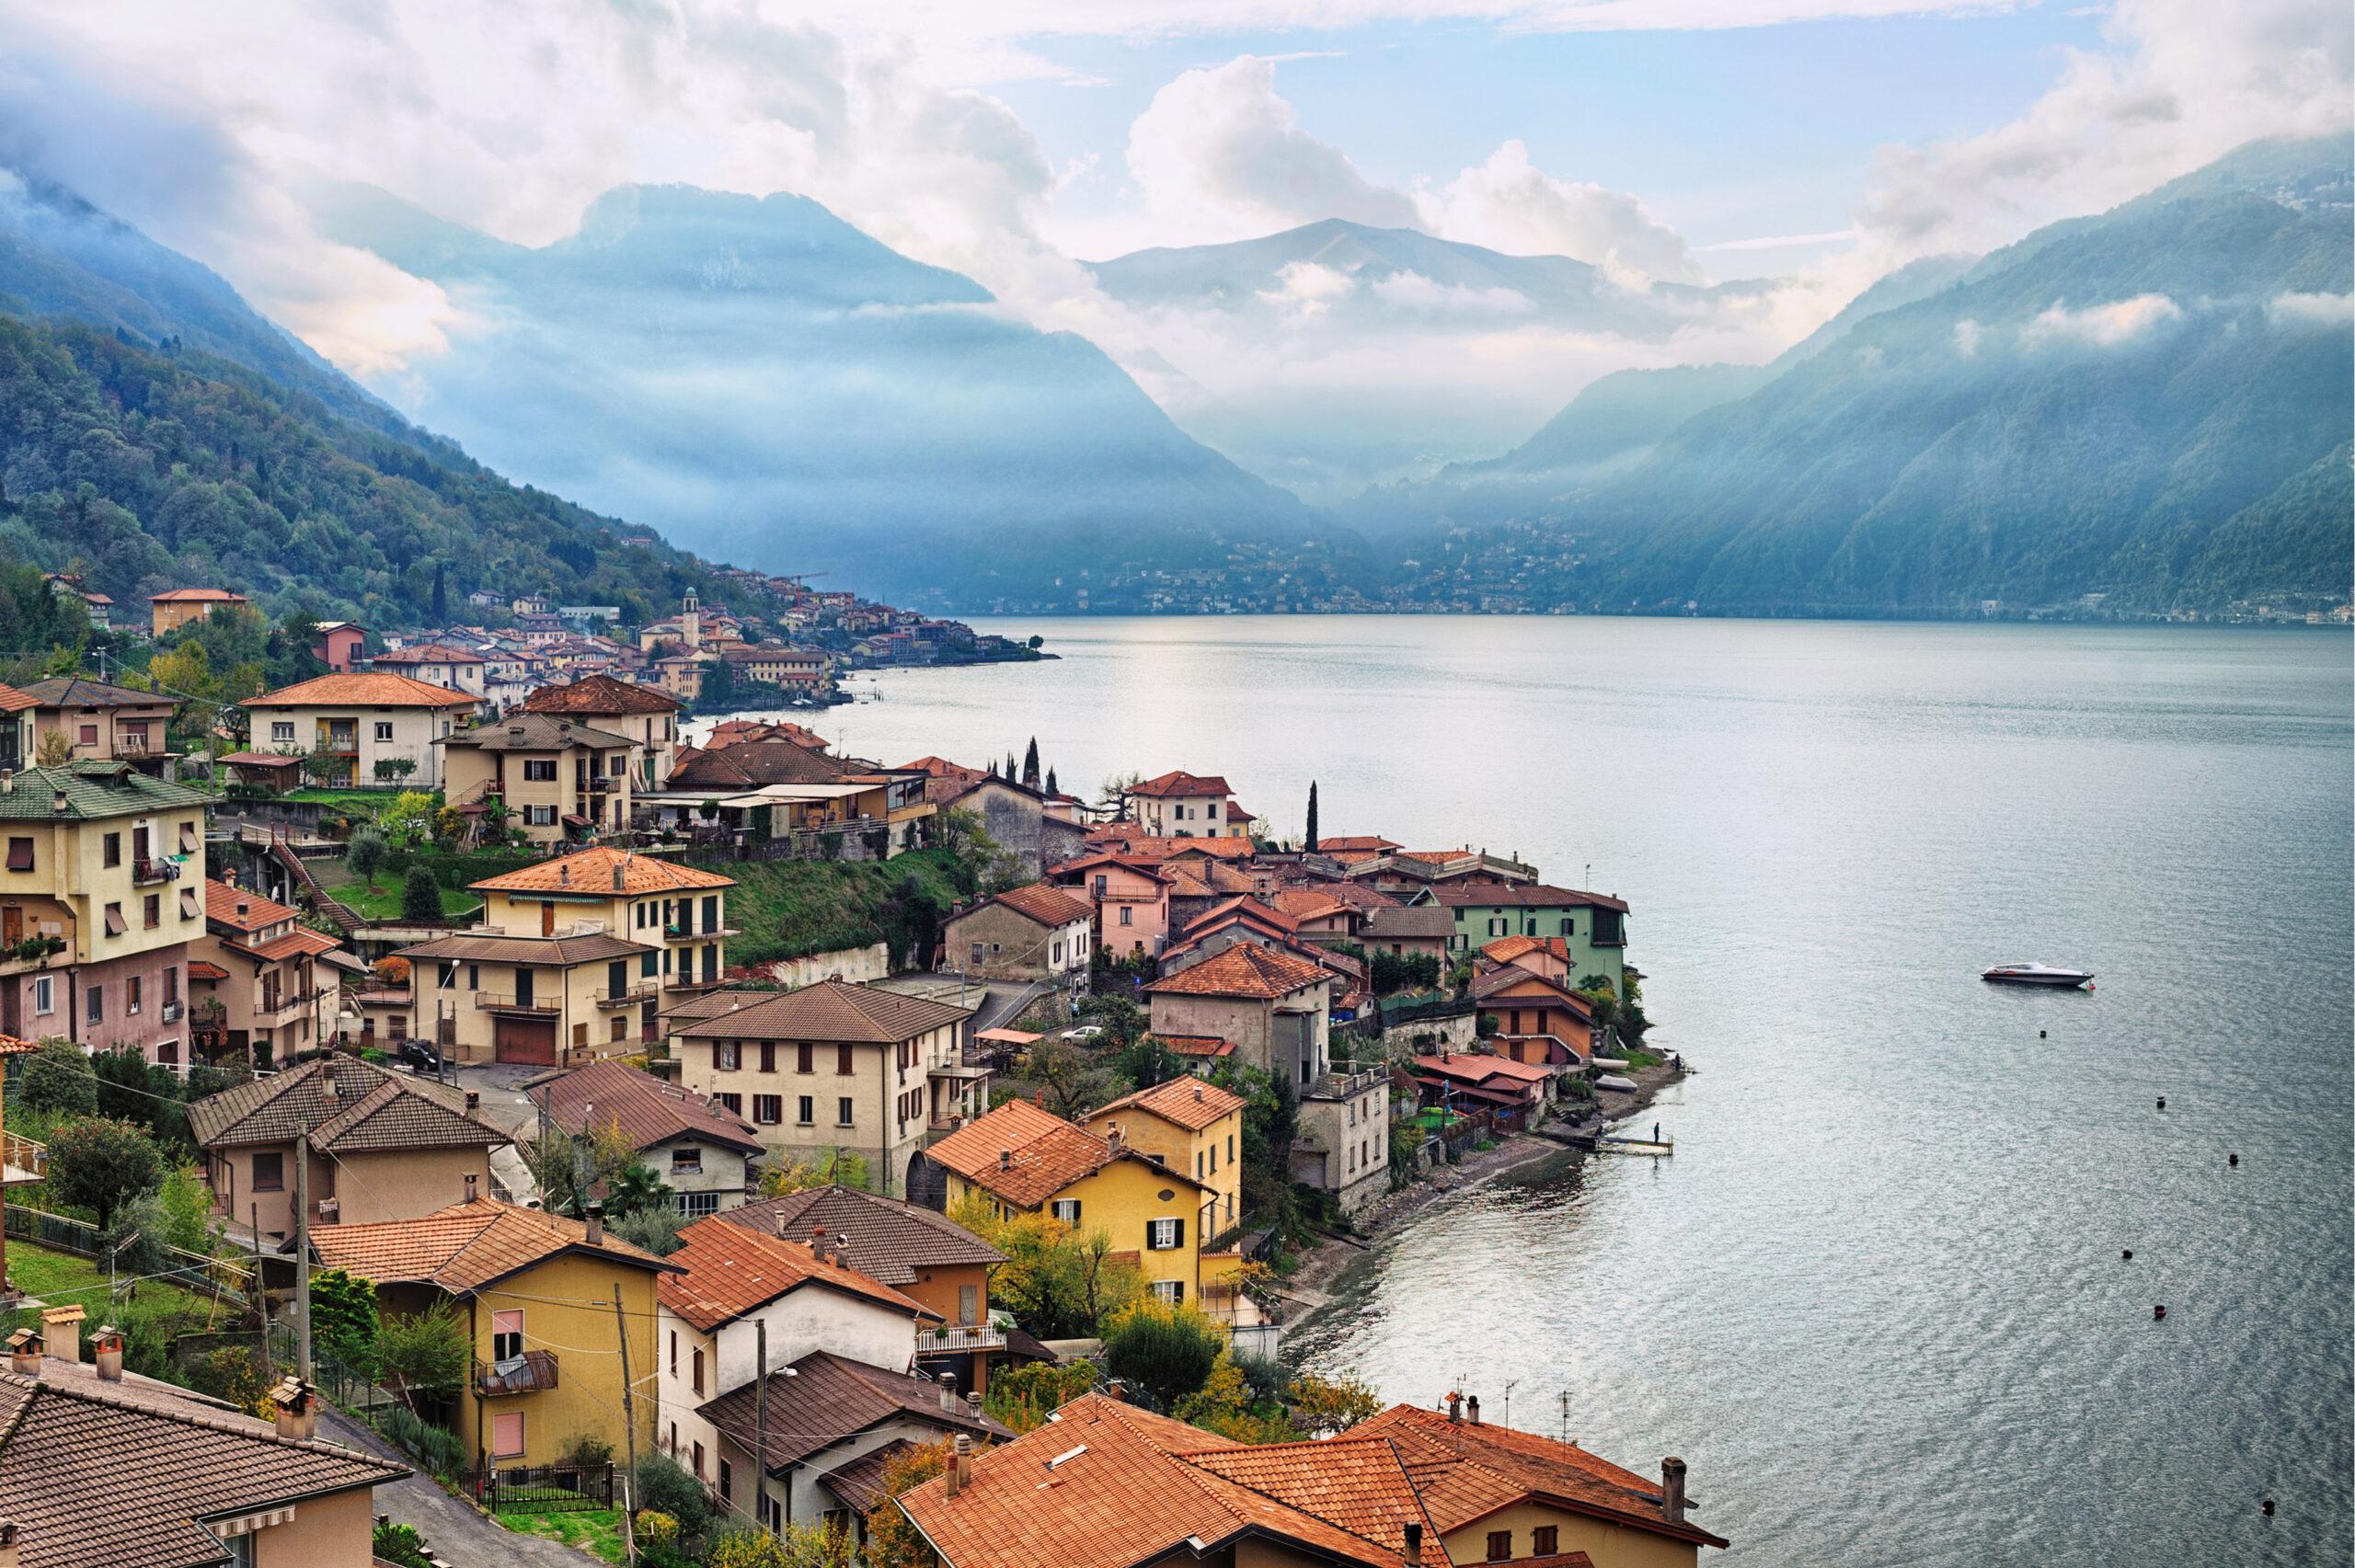 Bellissimo lago di Como! 10 Must-visit villages around beautiful Lake Como, Italy